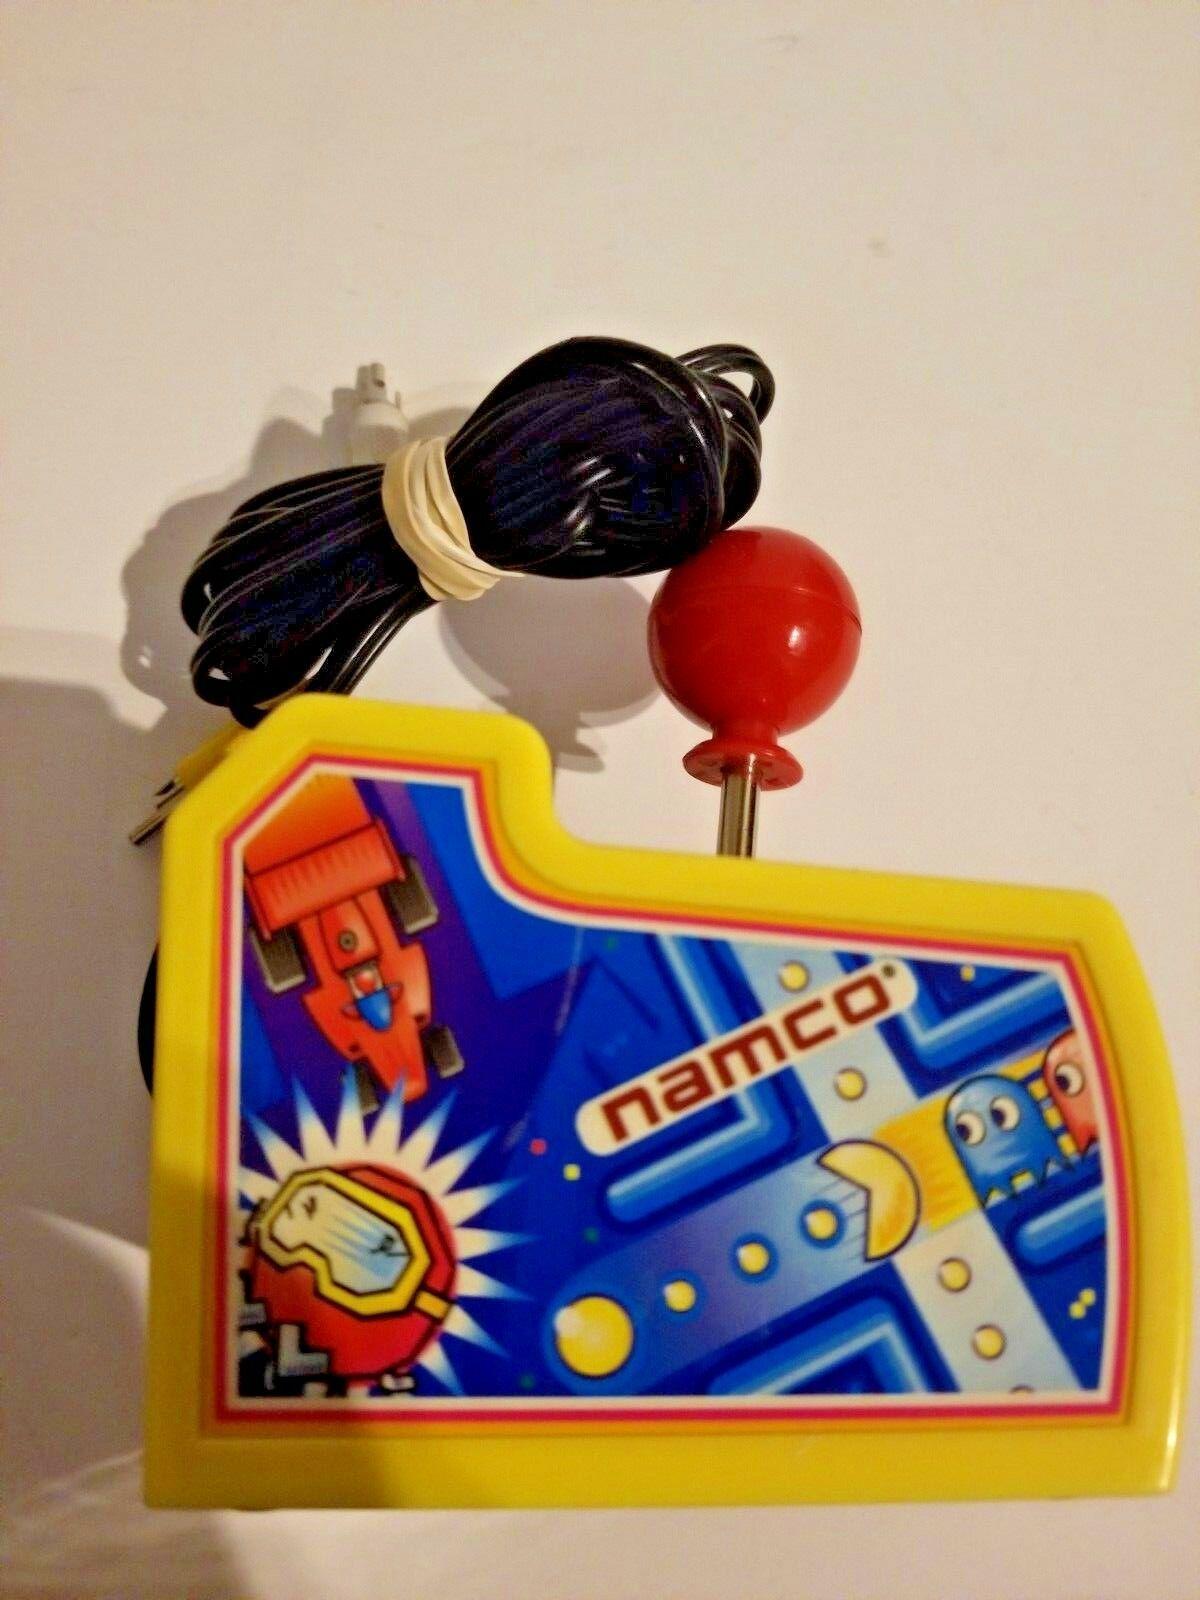 plug n play tv games (5 namco old school games) image 3